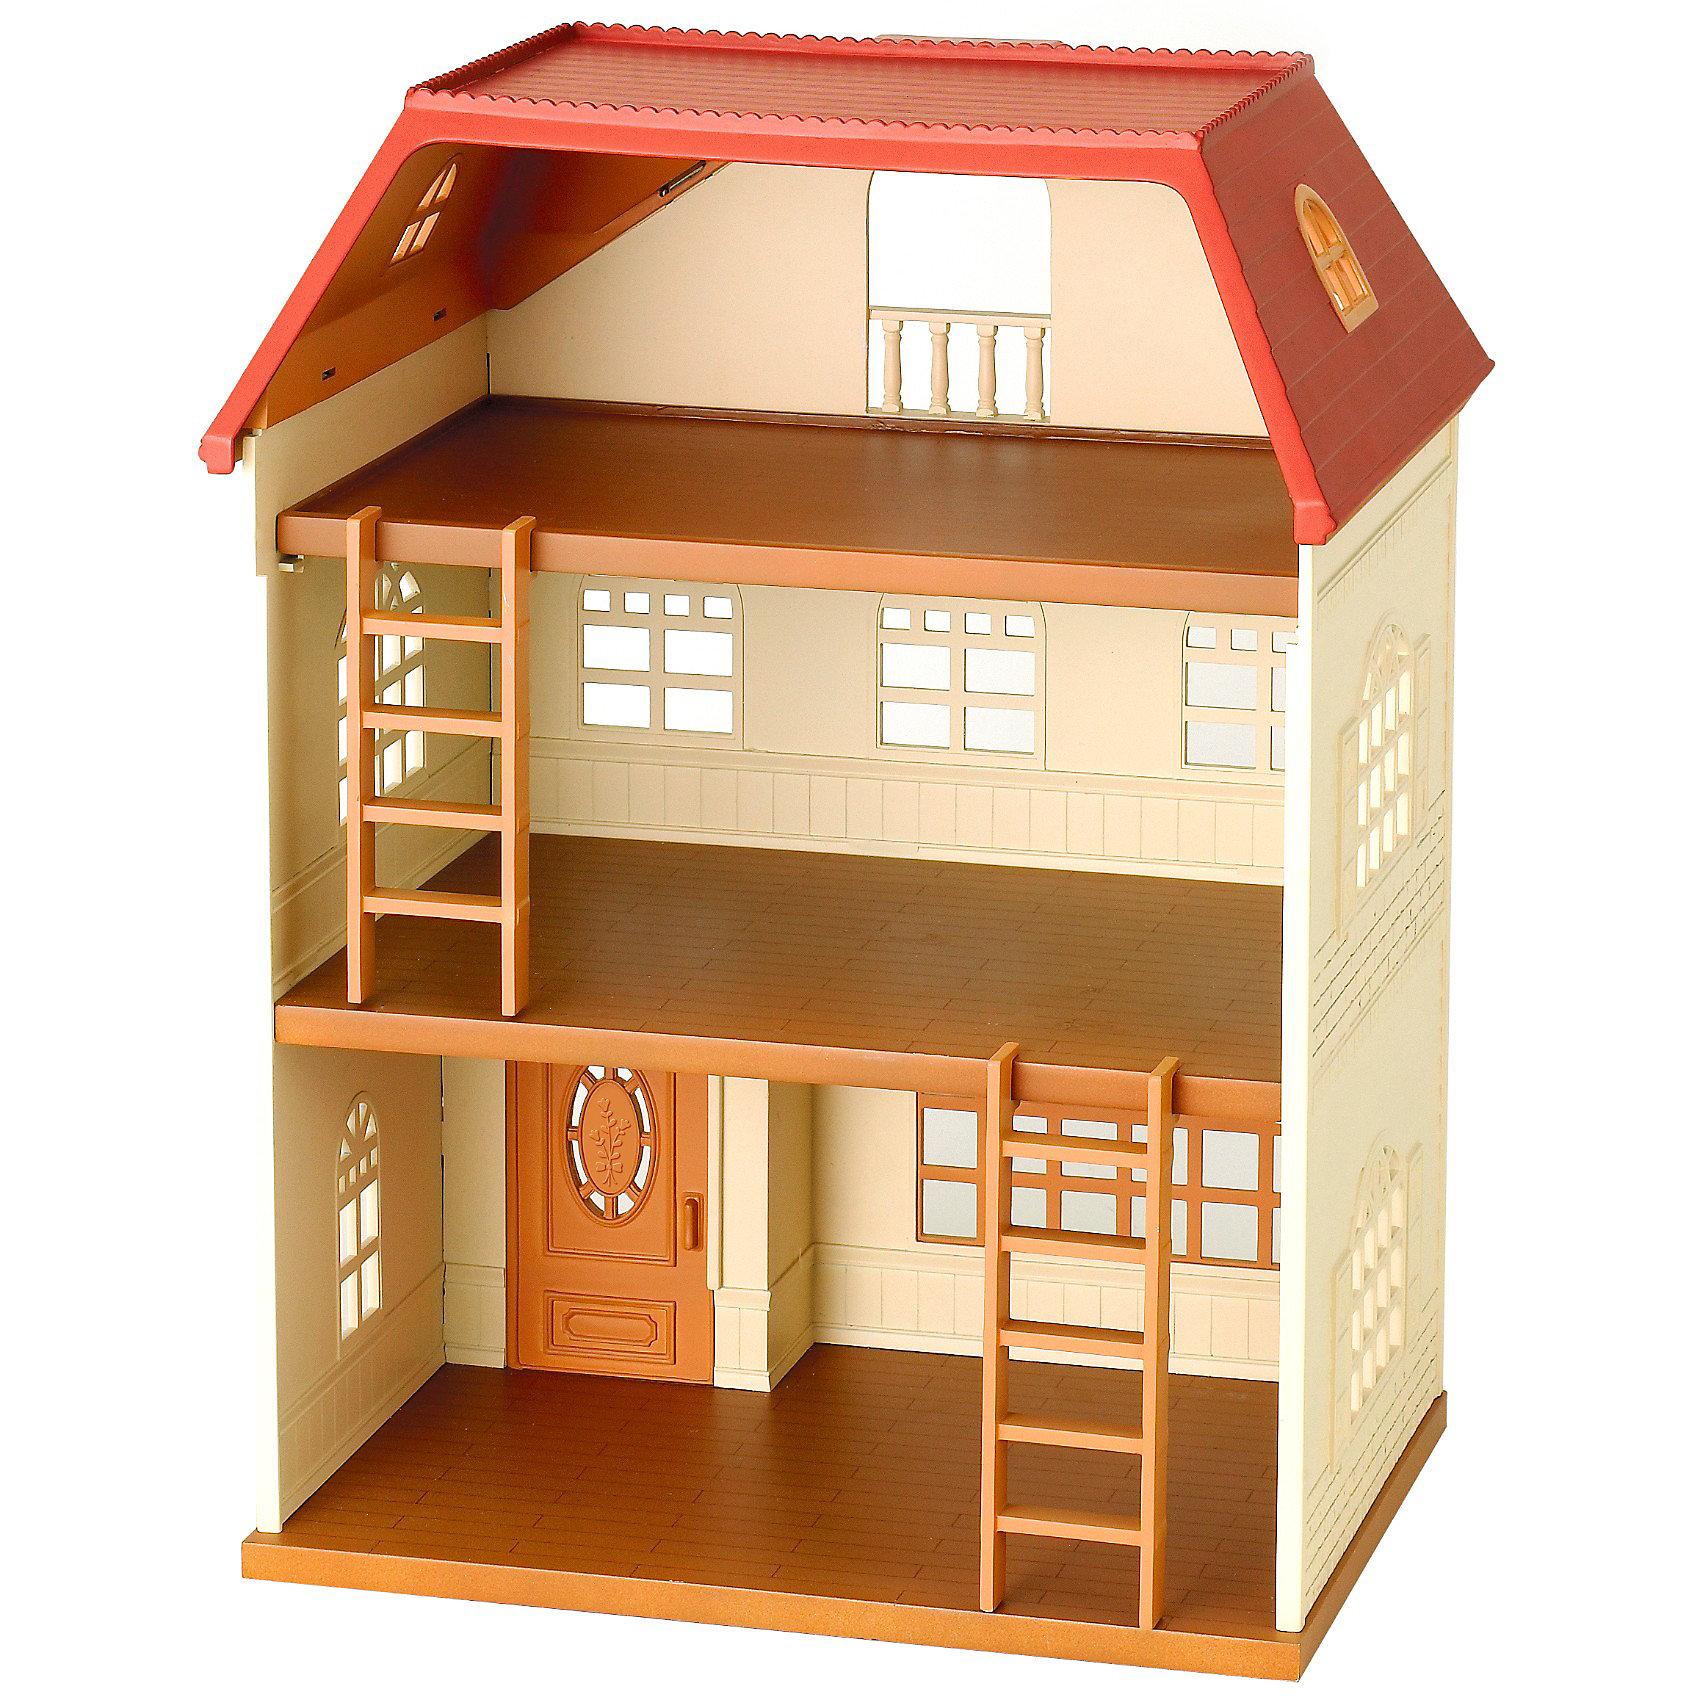 Набор Трехэтажный дом Sylvanian FamiliesSylvanian Families<br>Трехэтажный дом для семей от Sylvanian Families. <br><br>Большой и просторный дом, который можно достраивать и перестраивать по своему желанию. <br><br>В этом домике большие полукруглые окна и есть две лестницы, которые соединяют этажи. У дома нет задней стенки, поэтому с ним удобно играть. Пол между вторым и третьим этажом вынимается и может быть использован как стоянка для автомобиля. <br><br>Если зверюшки не помещаются в трехэтажный дом, то его можно расширить домом со светом или поставить на ресторан Гамбургер. Так появится целый жилой квартал с уютными домиками и вкусными кафе. Места хватит всем!<br><br>Дополнительная информация:<br><br><br>- В комплекте: трехэтажный дом с двумя лестницами, двухсторонний дворик. Внимание, зверюшки и мебель в комплект не входят!<br>- Размер дома: 29х21х38 см. <br>- Размер упаковки: 41x33x25 см.<br>- Вес: 1,5 кг<br>- Материал: пластмасса.<br><br>Набор Трехэтажный дом Sylvanian Families можно купить в нашем магазине.<br><br>Ширина мм: 412<br>Глубина мм: 335<br>Высота мм: 253<br>Вес г: 1782<br>Возраст от месяцев: 36<br>Возраст до месяцев: 72<br>Пол: Женский<br>Возраст: Детский<br>SKU: 2458889